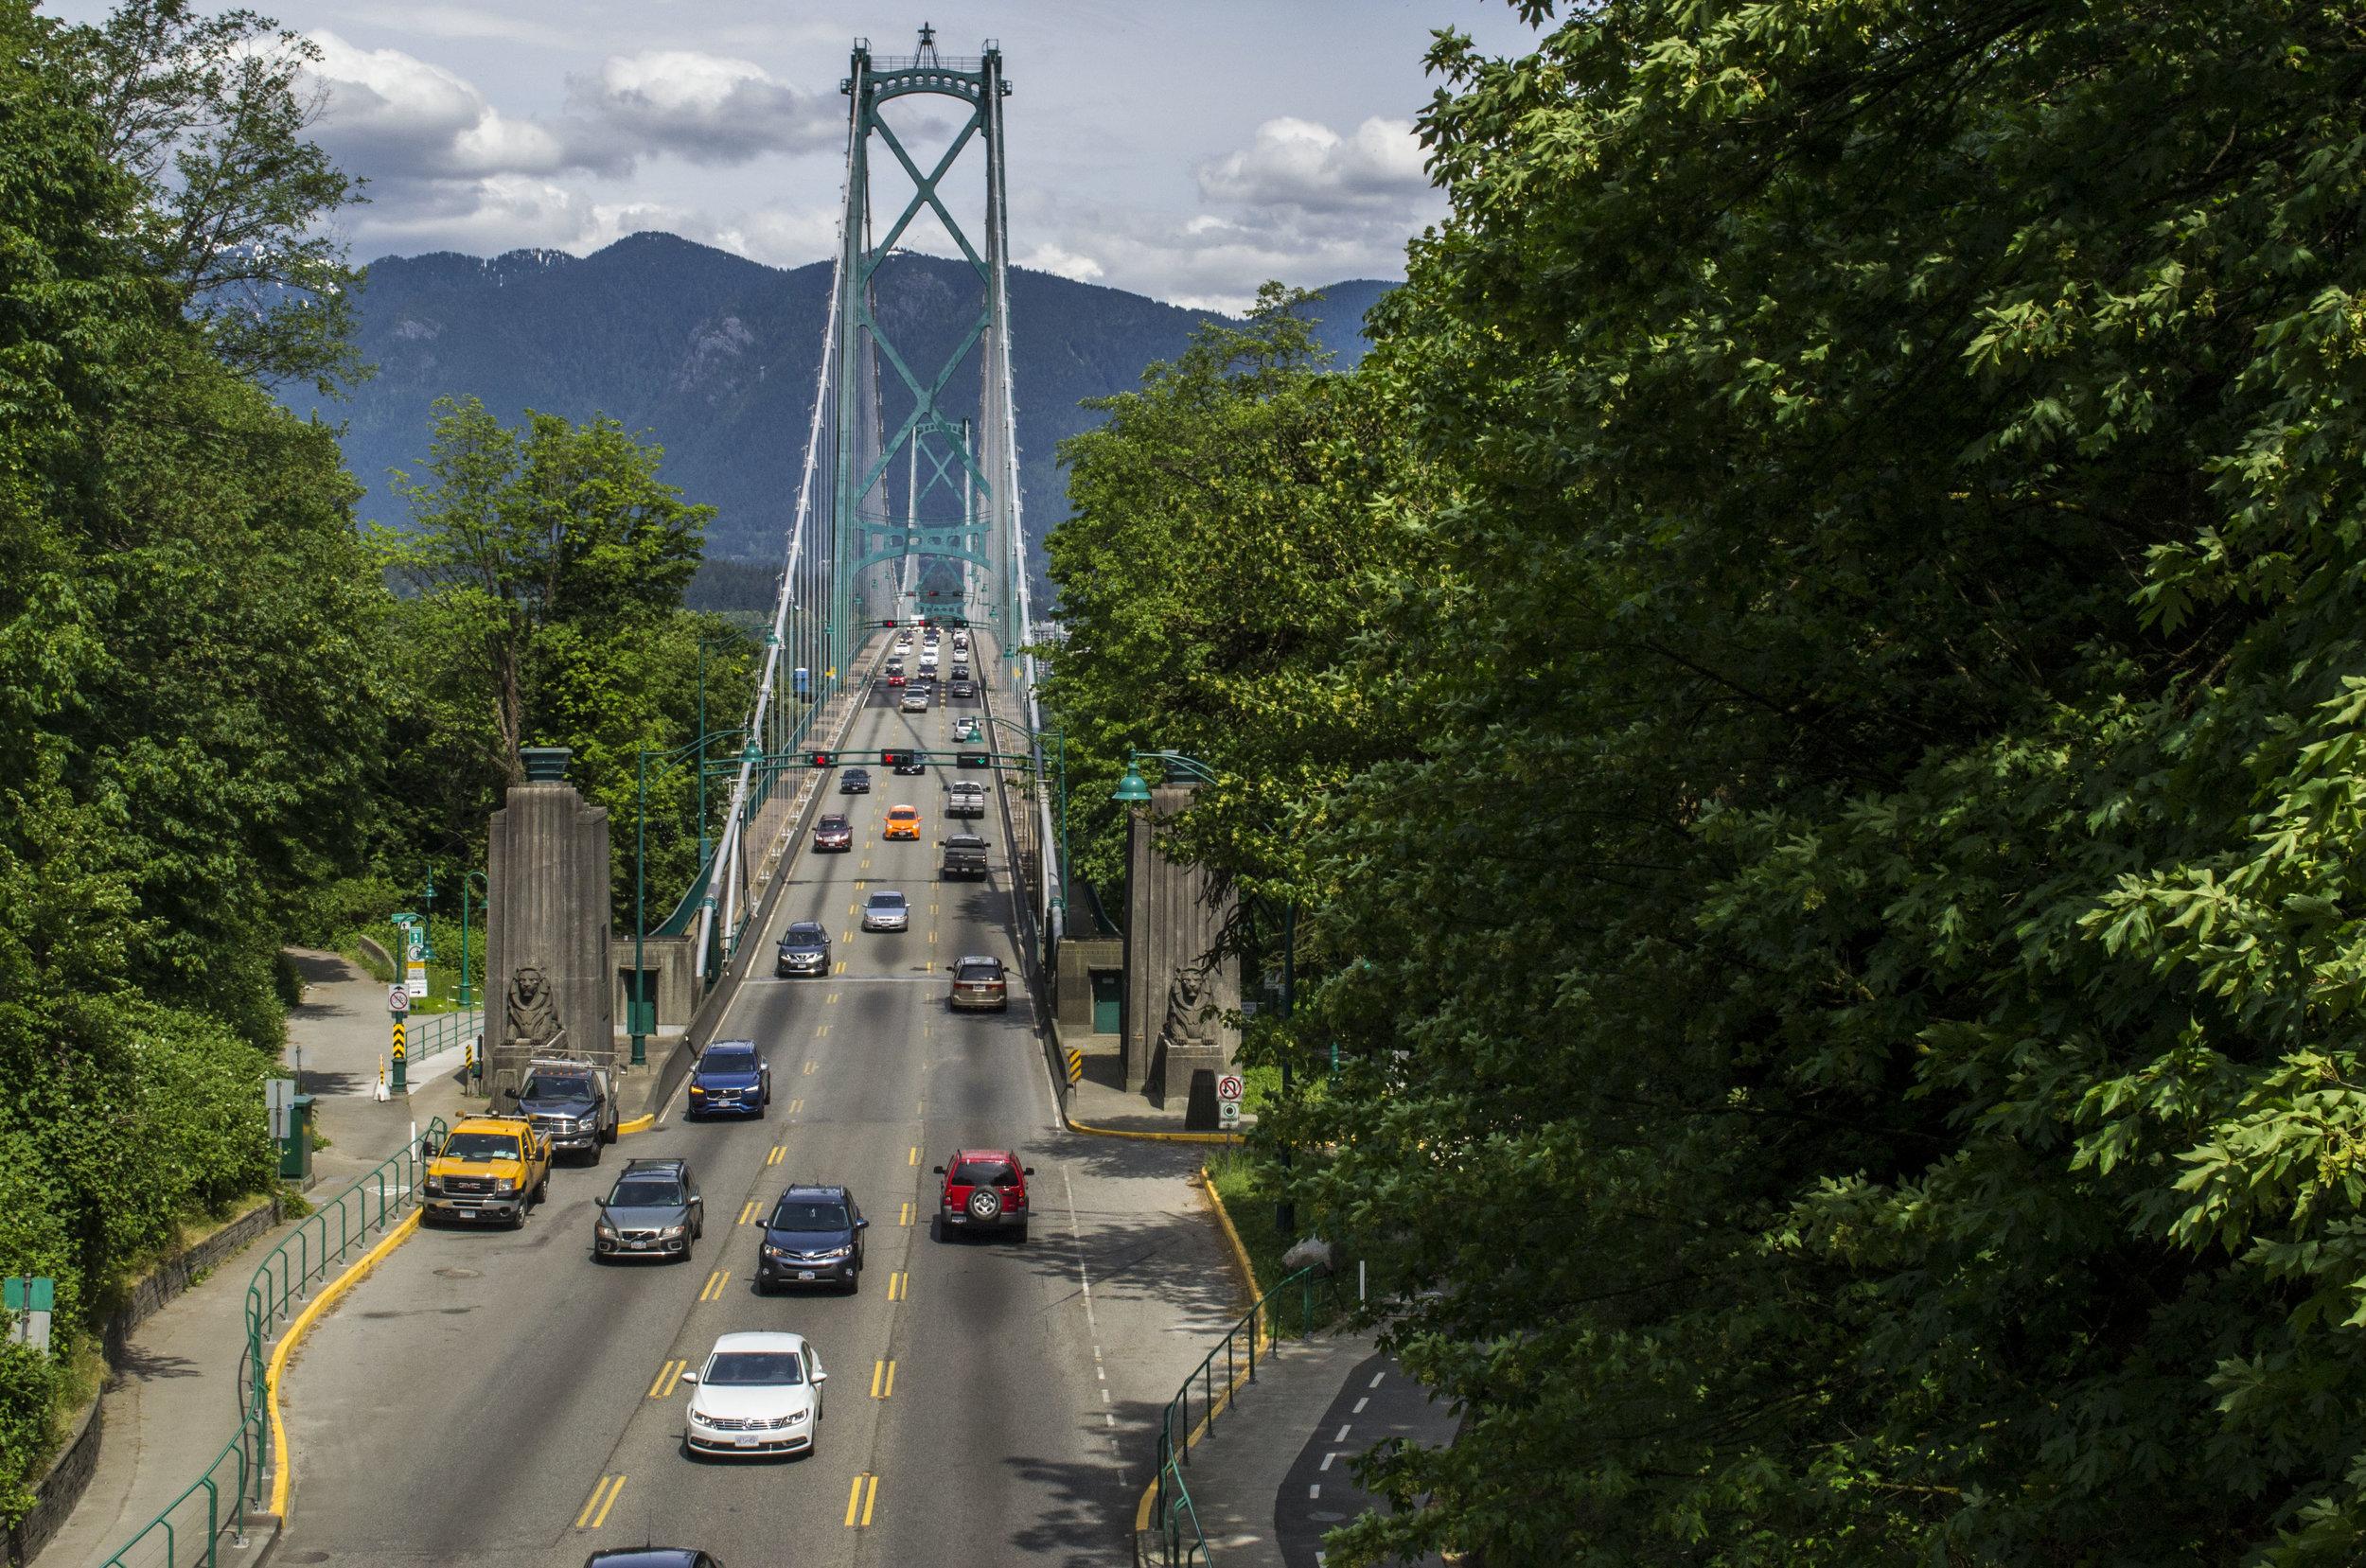 Lions gate bridge during a Vancouver bike adventure